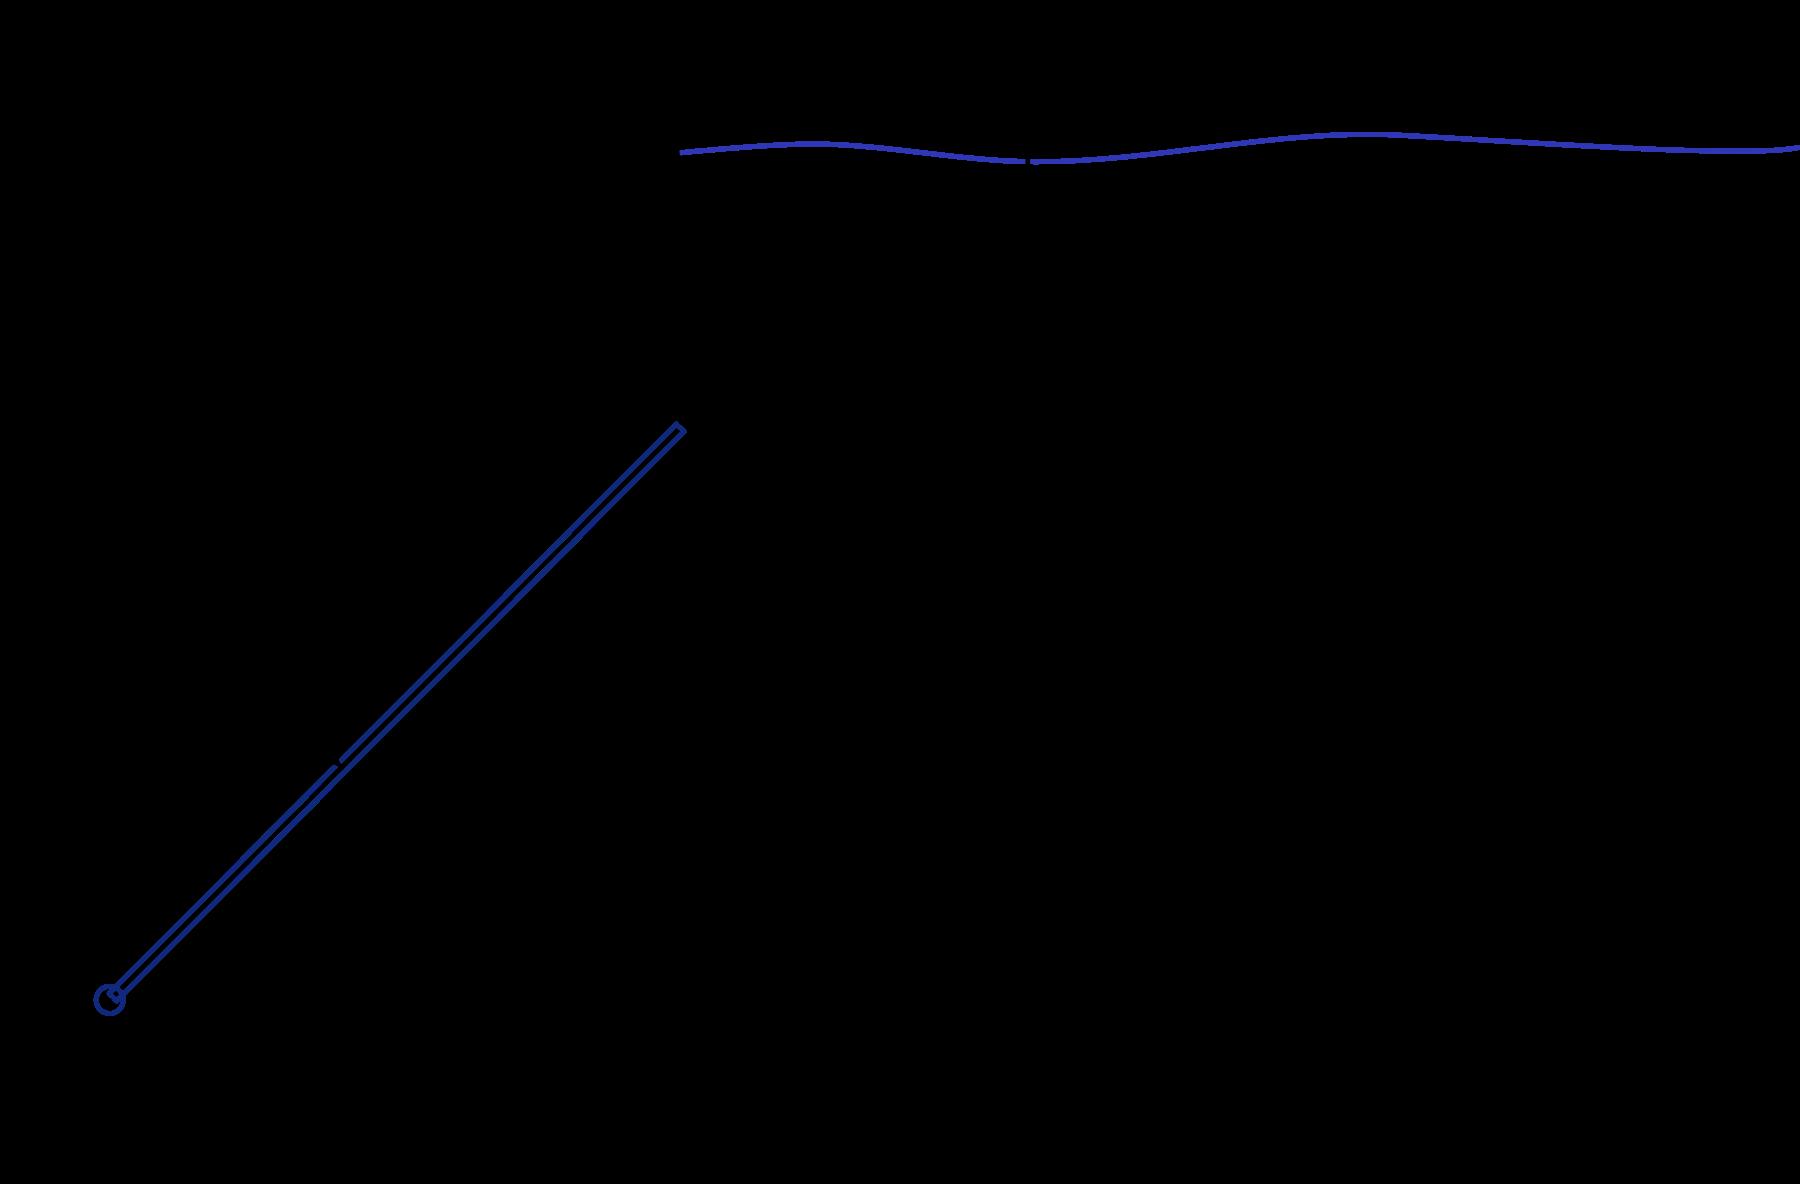 M2_customize_assignments/script_input-example/assgnt2/marine_center_aquarium_diagram.png